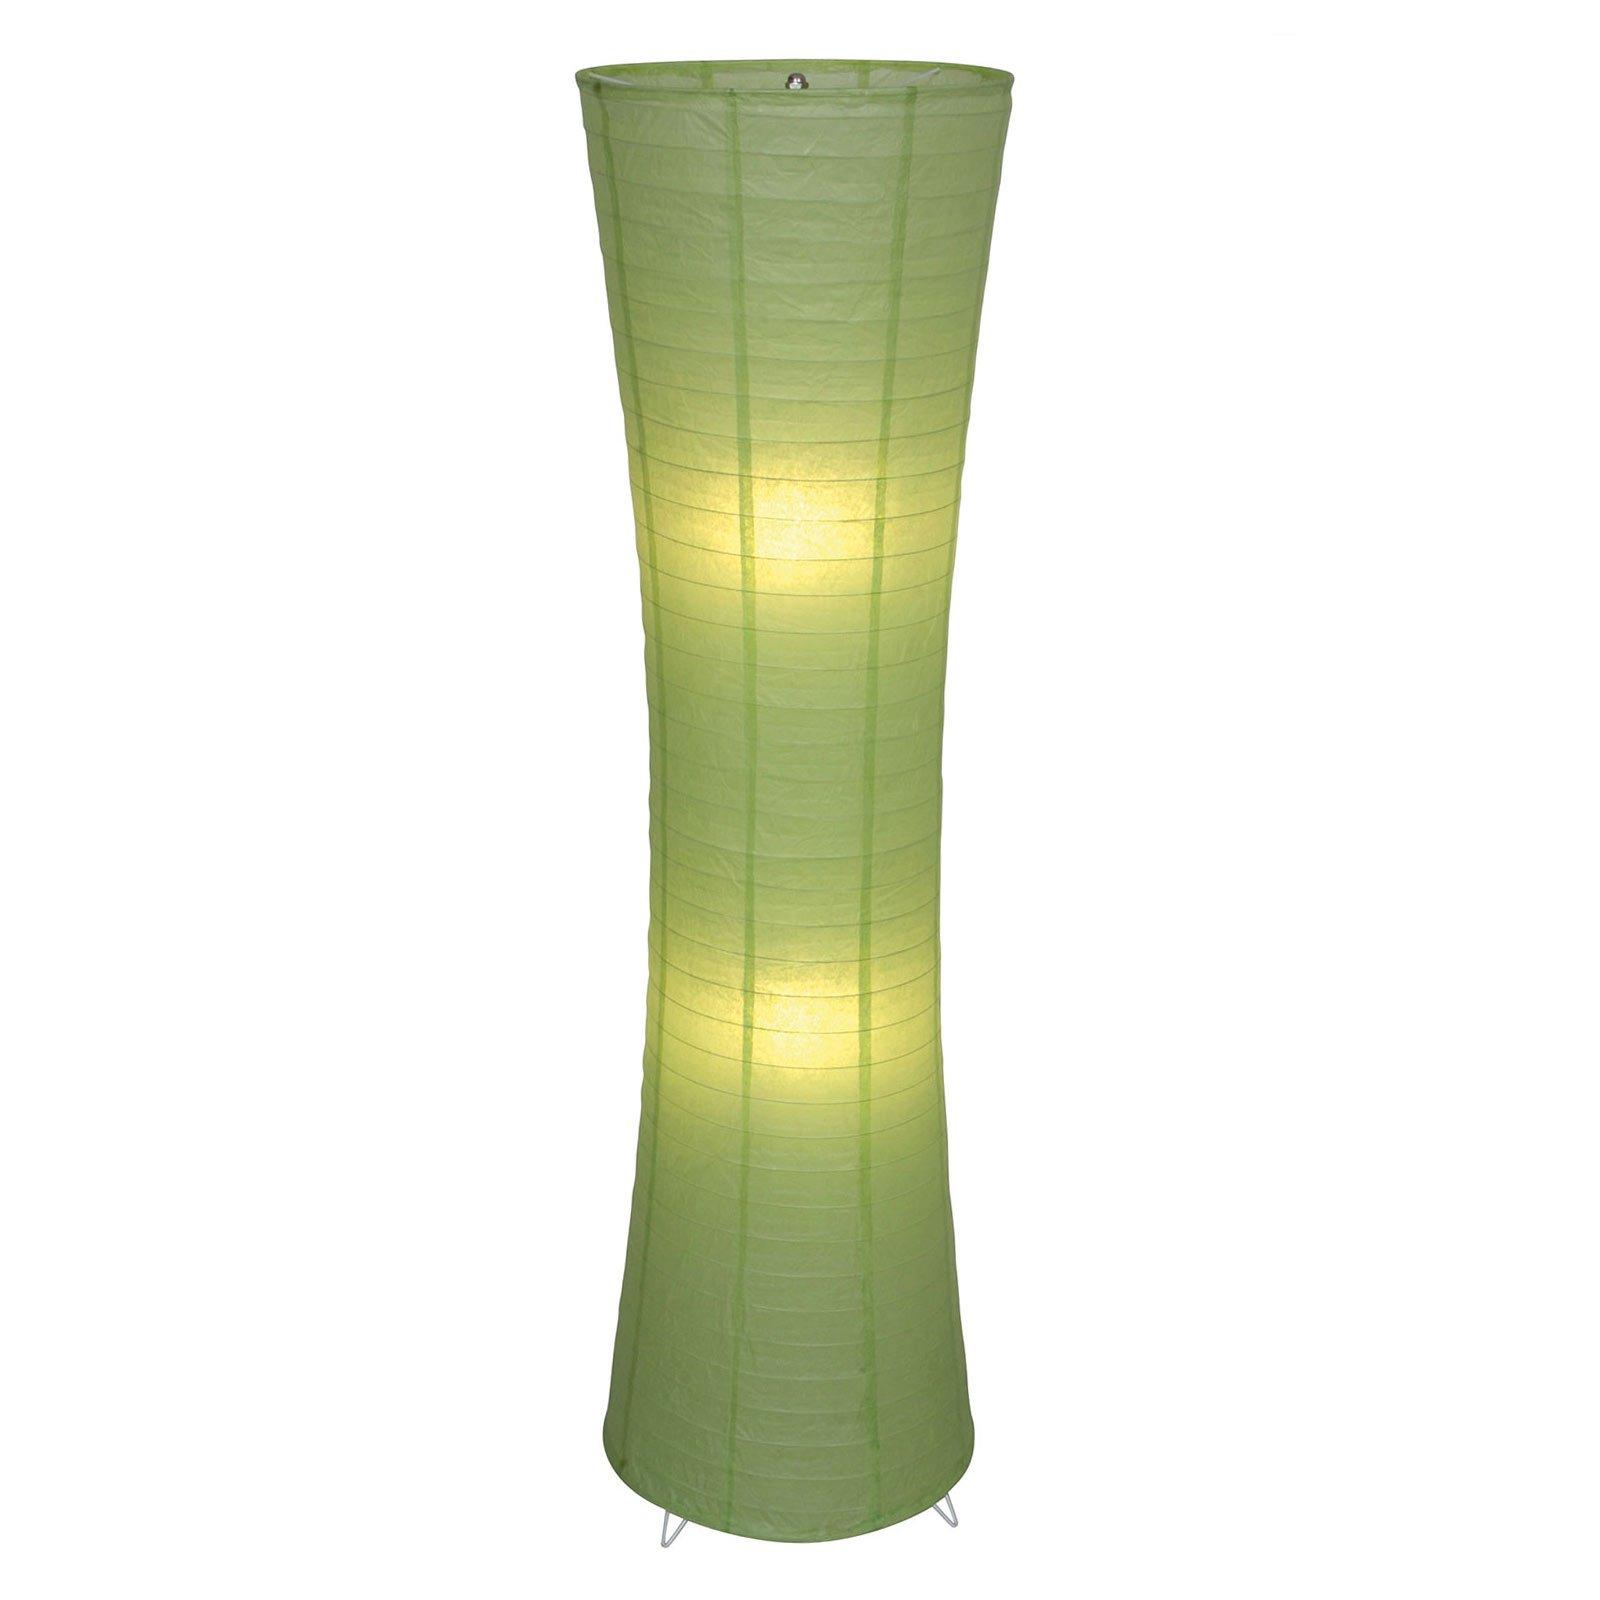 Ranpu gulvlampe grønn